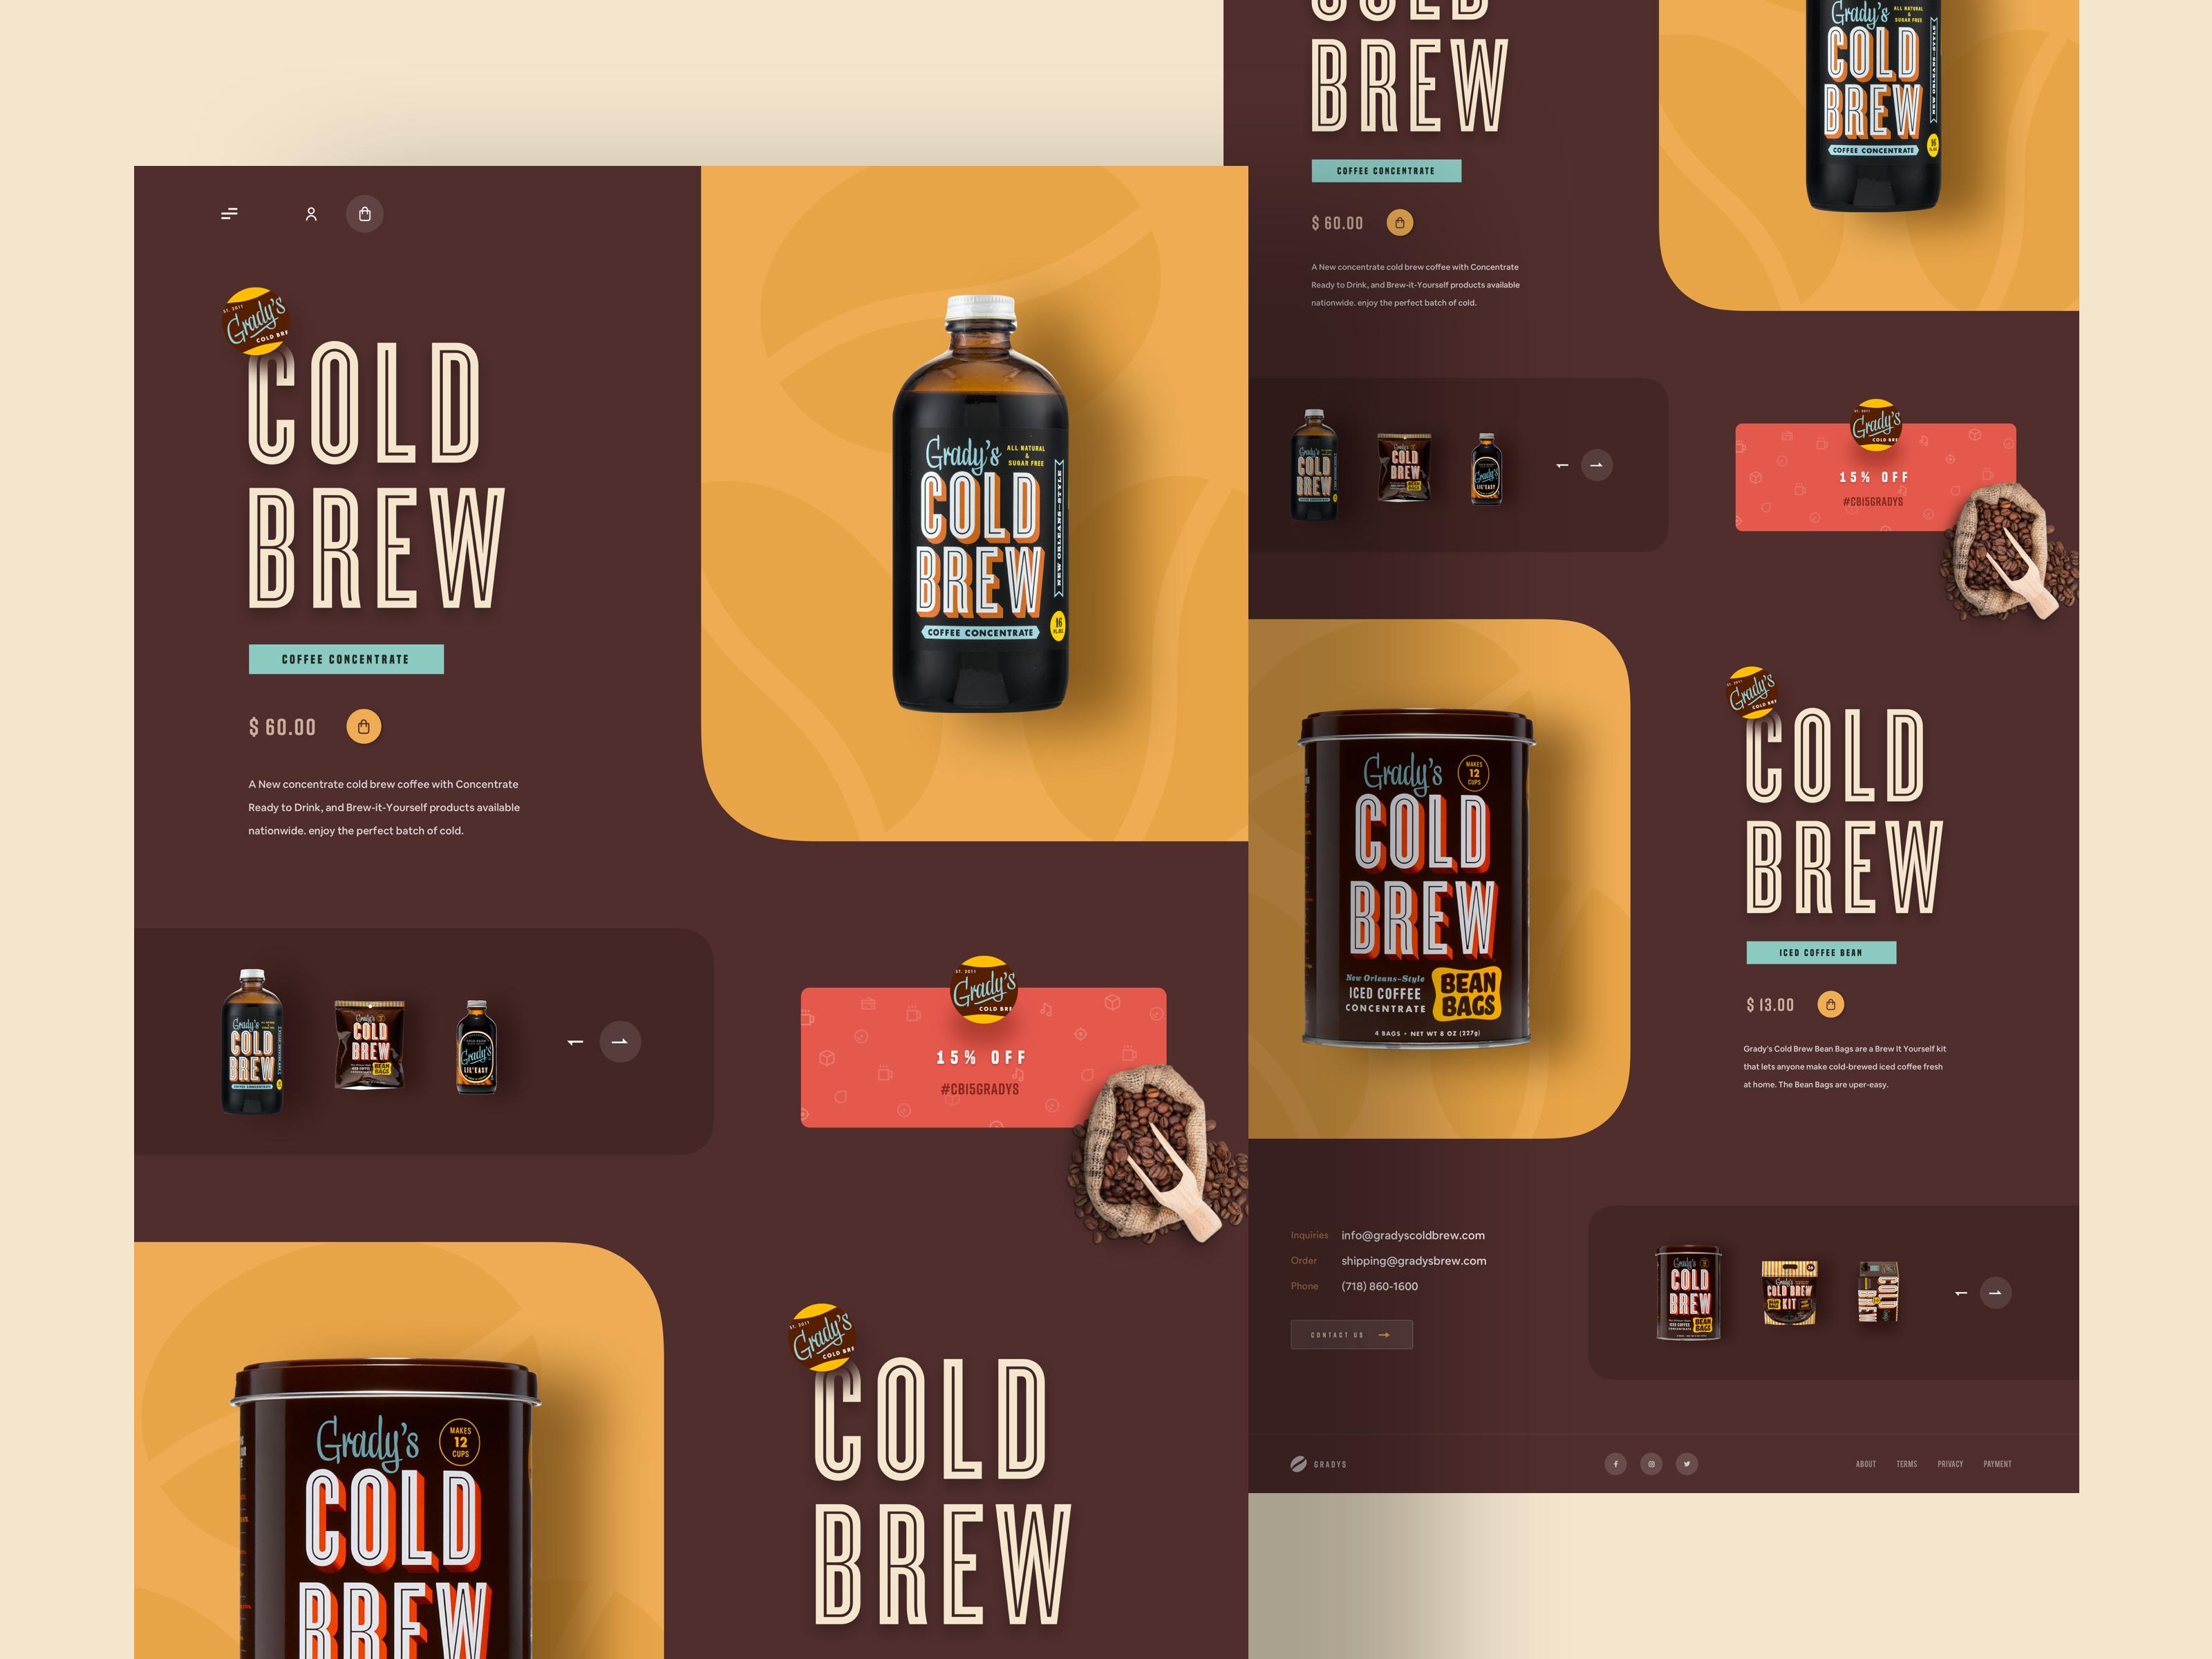 Cold brew thumb 2x